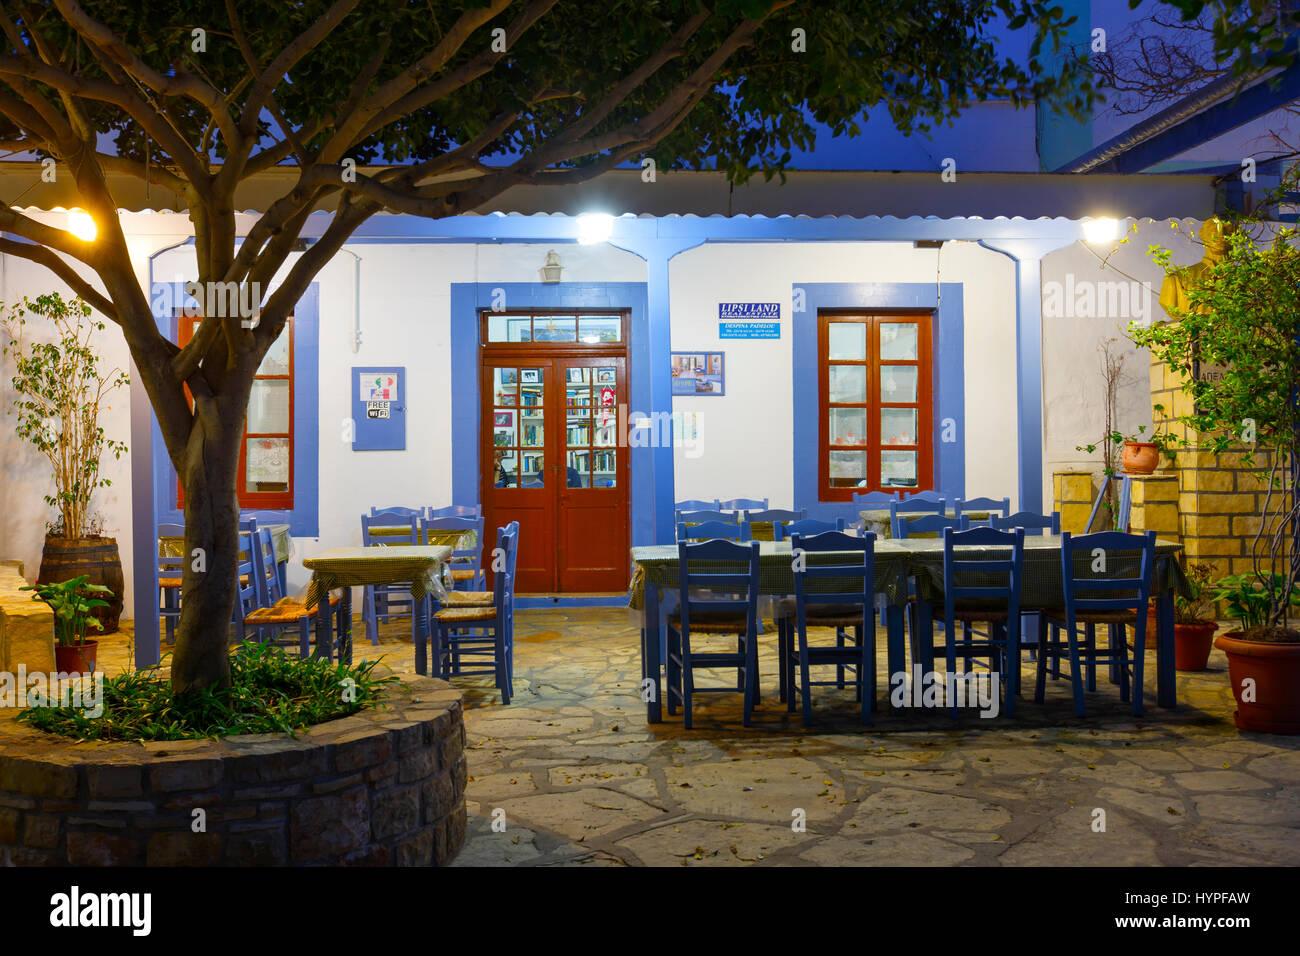 Village principal de l'île de Lipsi à Dodécanèse, Grèce. Photo Stock